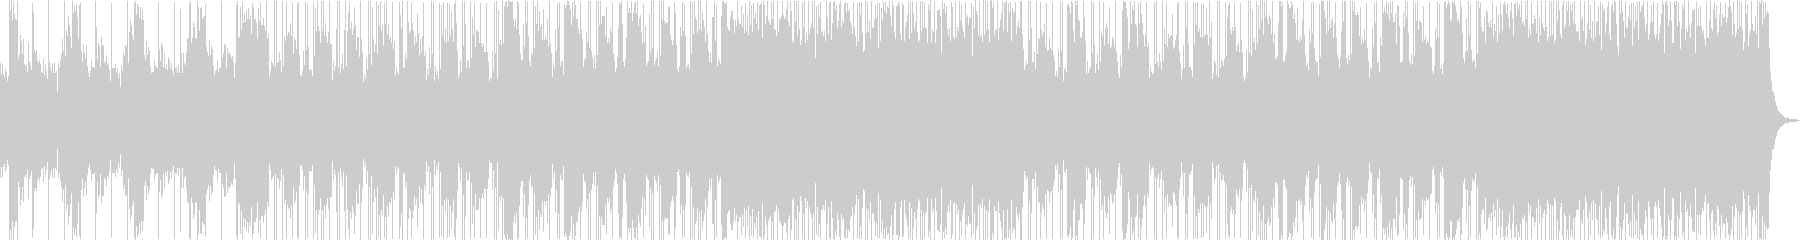 モダンでヘビーなバンドサウンドの未再生の波形